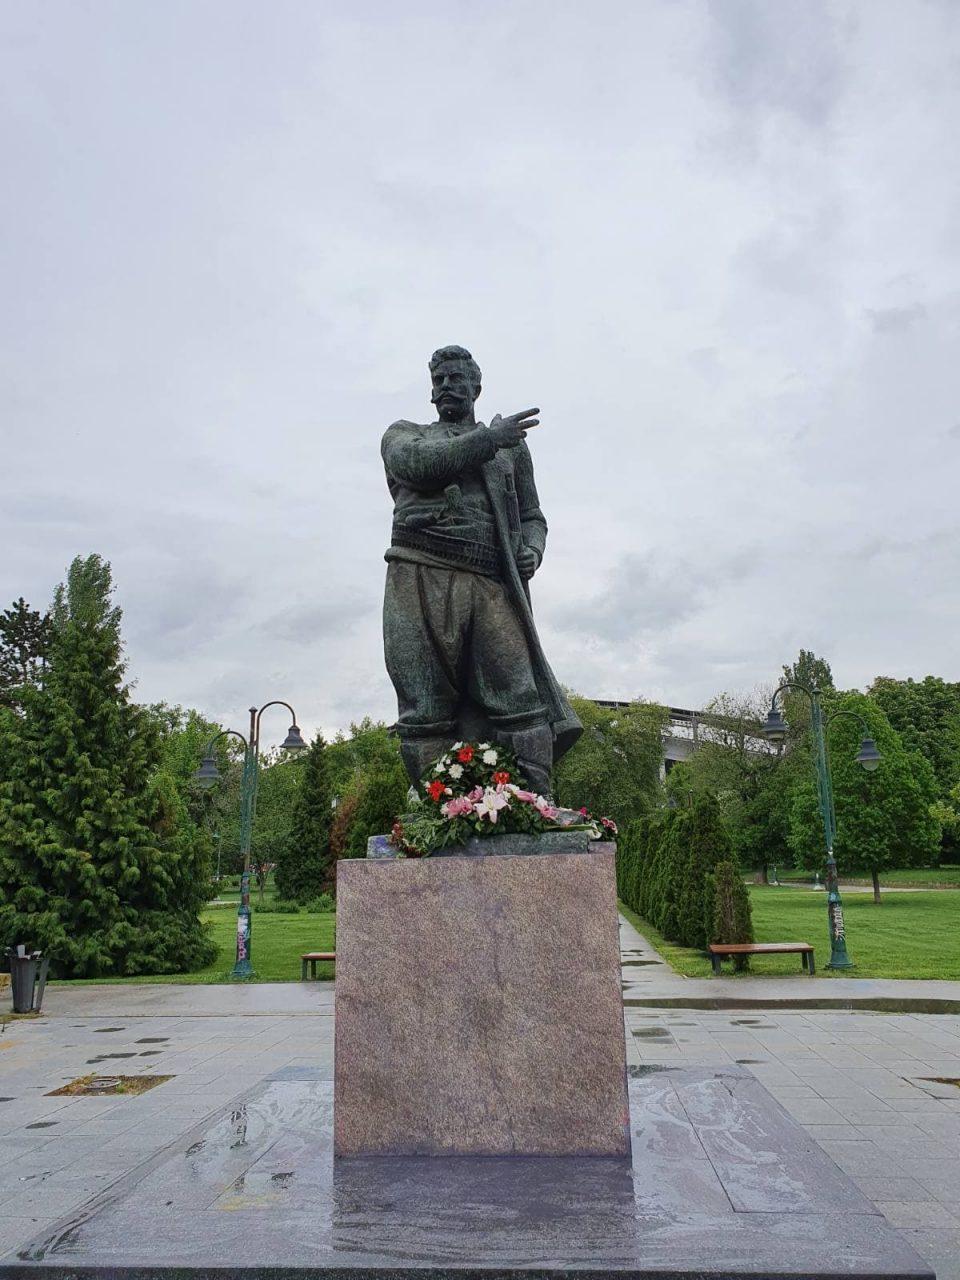 ФОТО: УМС на ВМРО-ДПМНЕ по повод 117 години од загинувањето на Гоце Делчев го исчисти од графити неговиот споменик во градскиот парк во Скопје